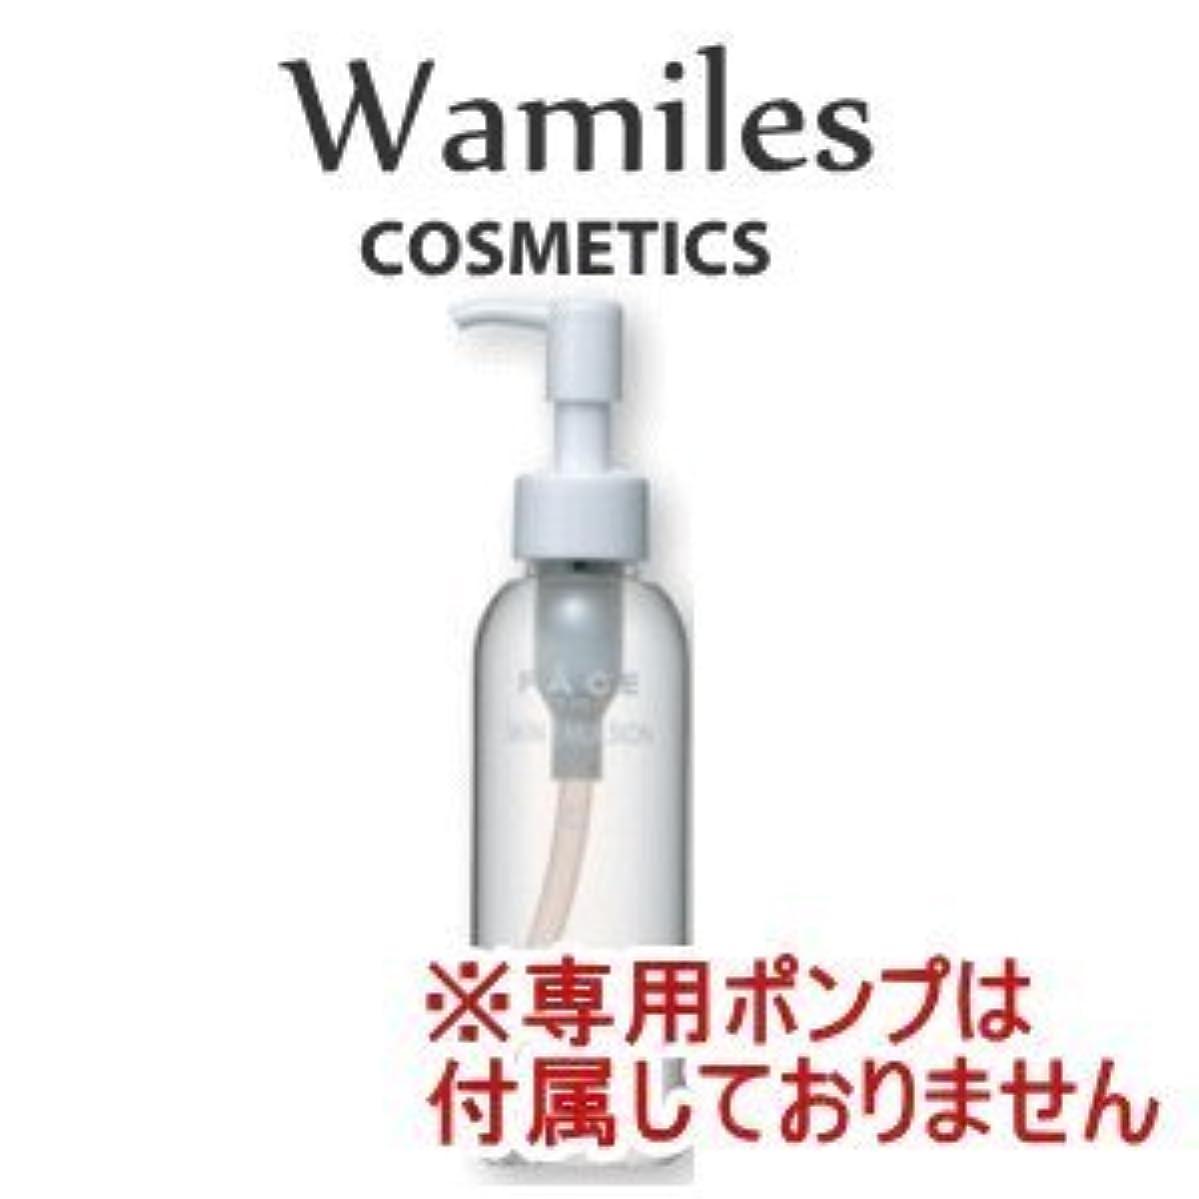 wamiles/ワミレス フェイス スキンエマルジョン 150ml